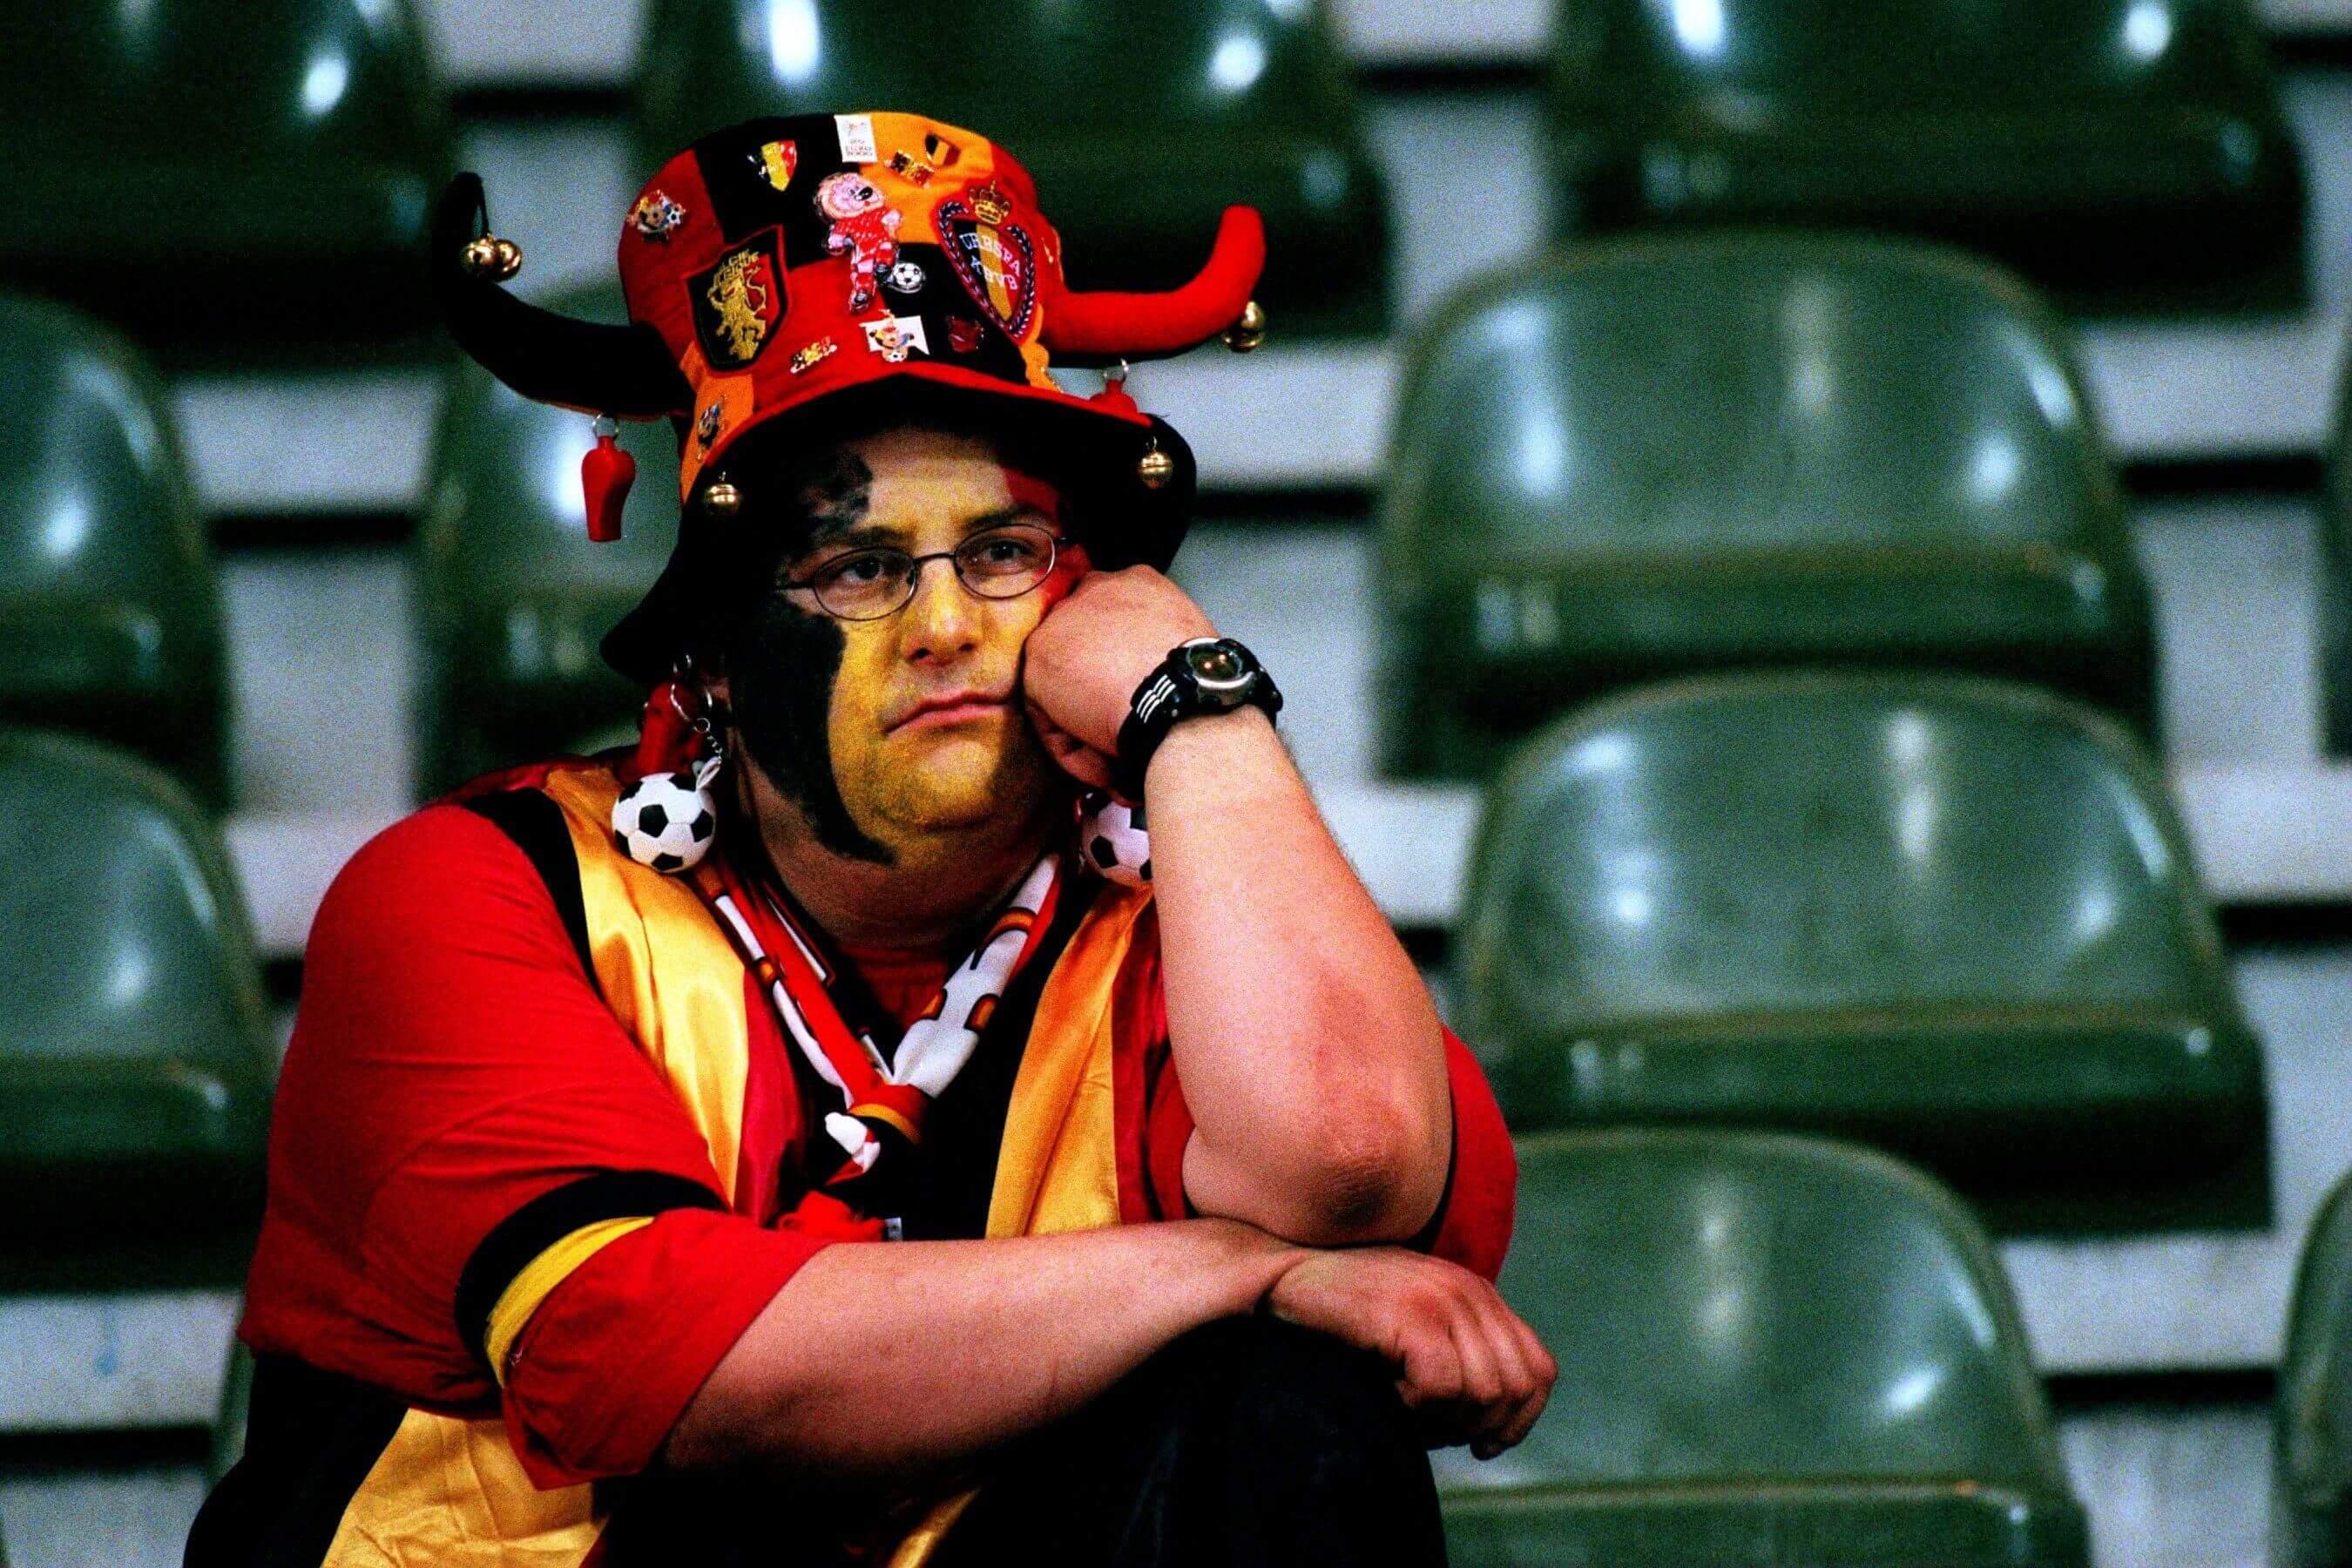 Nỗi đau đó đã bắt bóng đá Bỉ phải đập đi làm lại từ đầu, và phải mất hơn 20 năm mới nhảy vọt thành ĐT số một thế giới